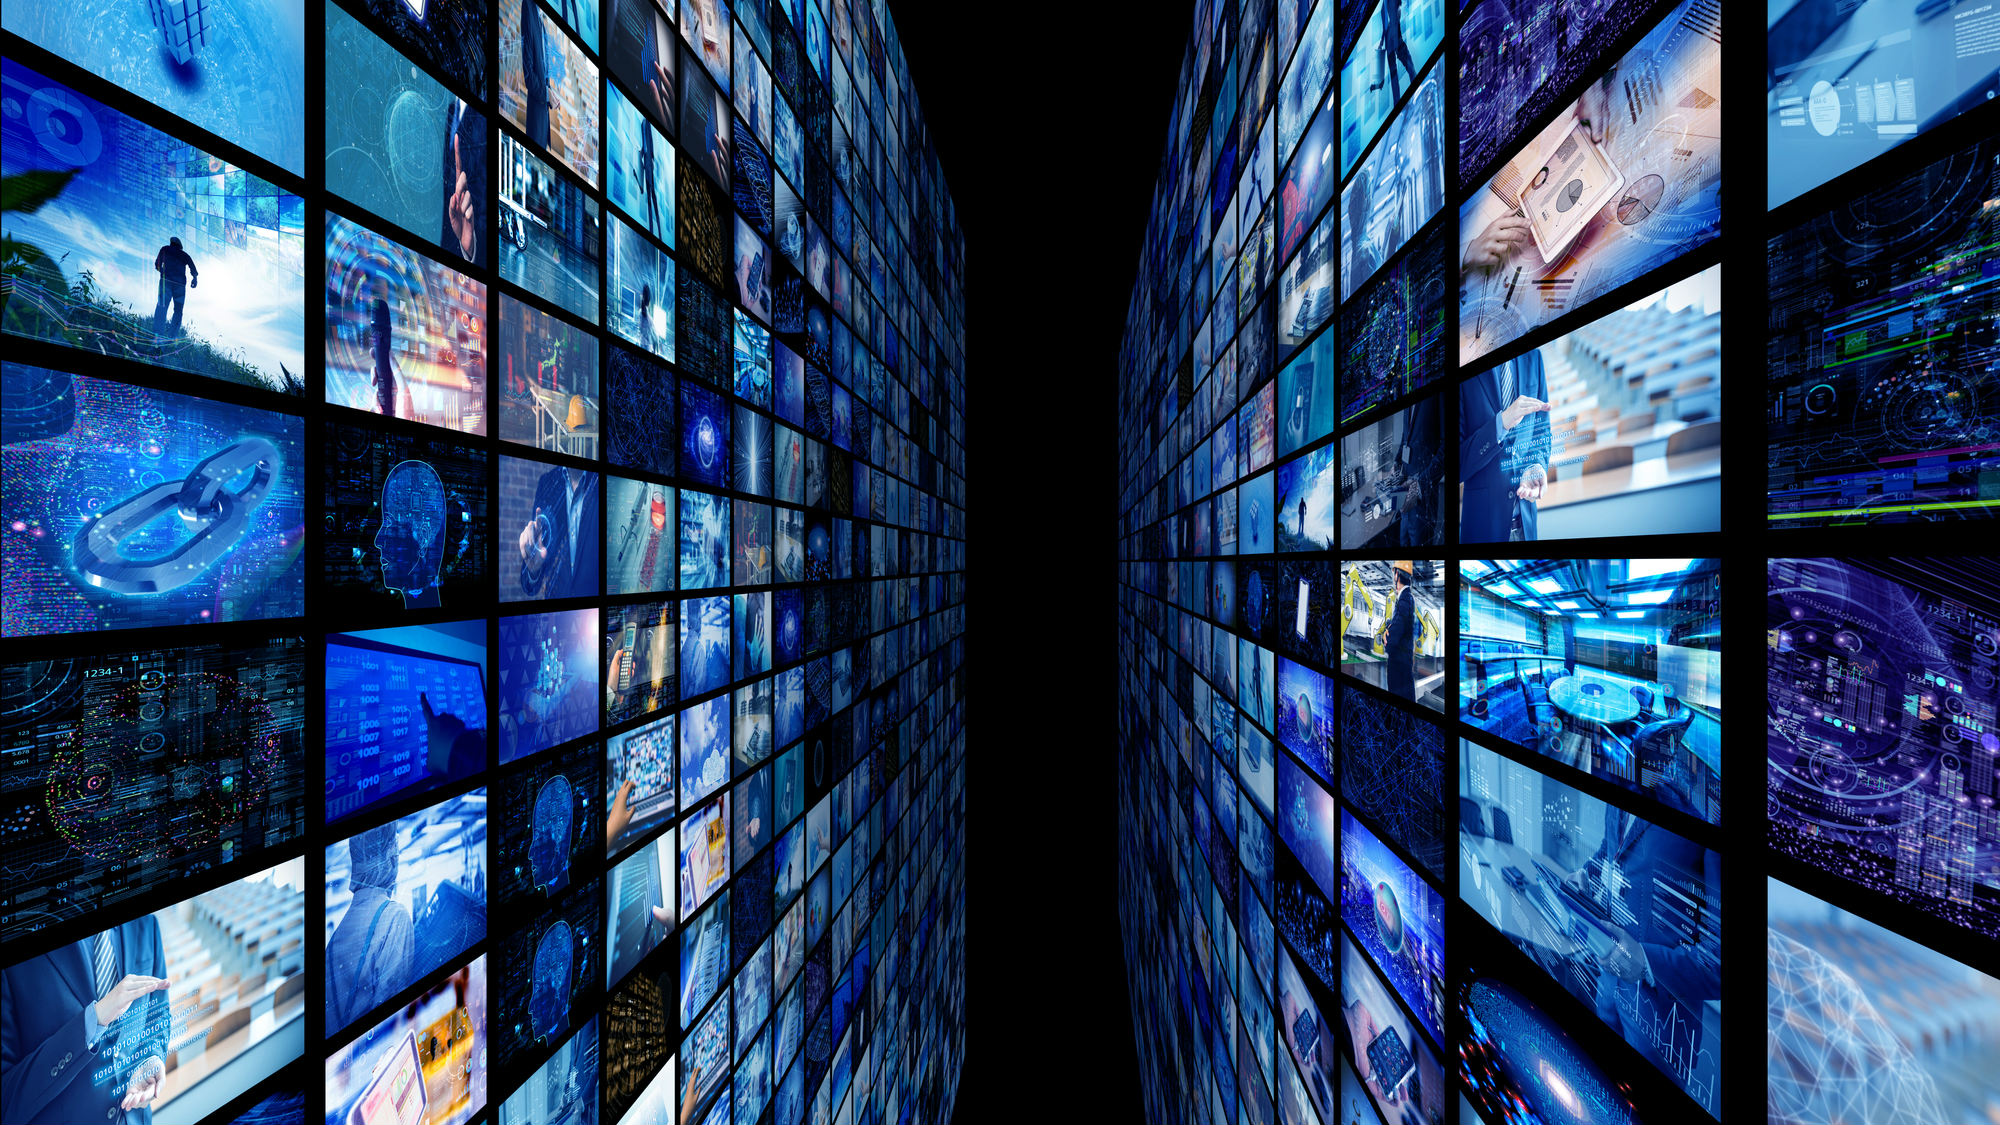 産業革命4.0の主役となる「3つの次世代技術」の未来とは?